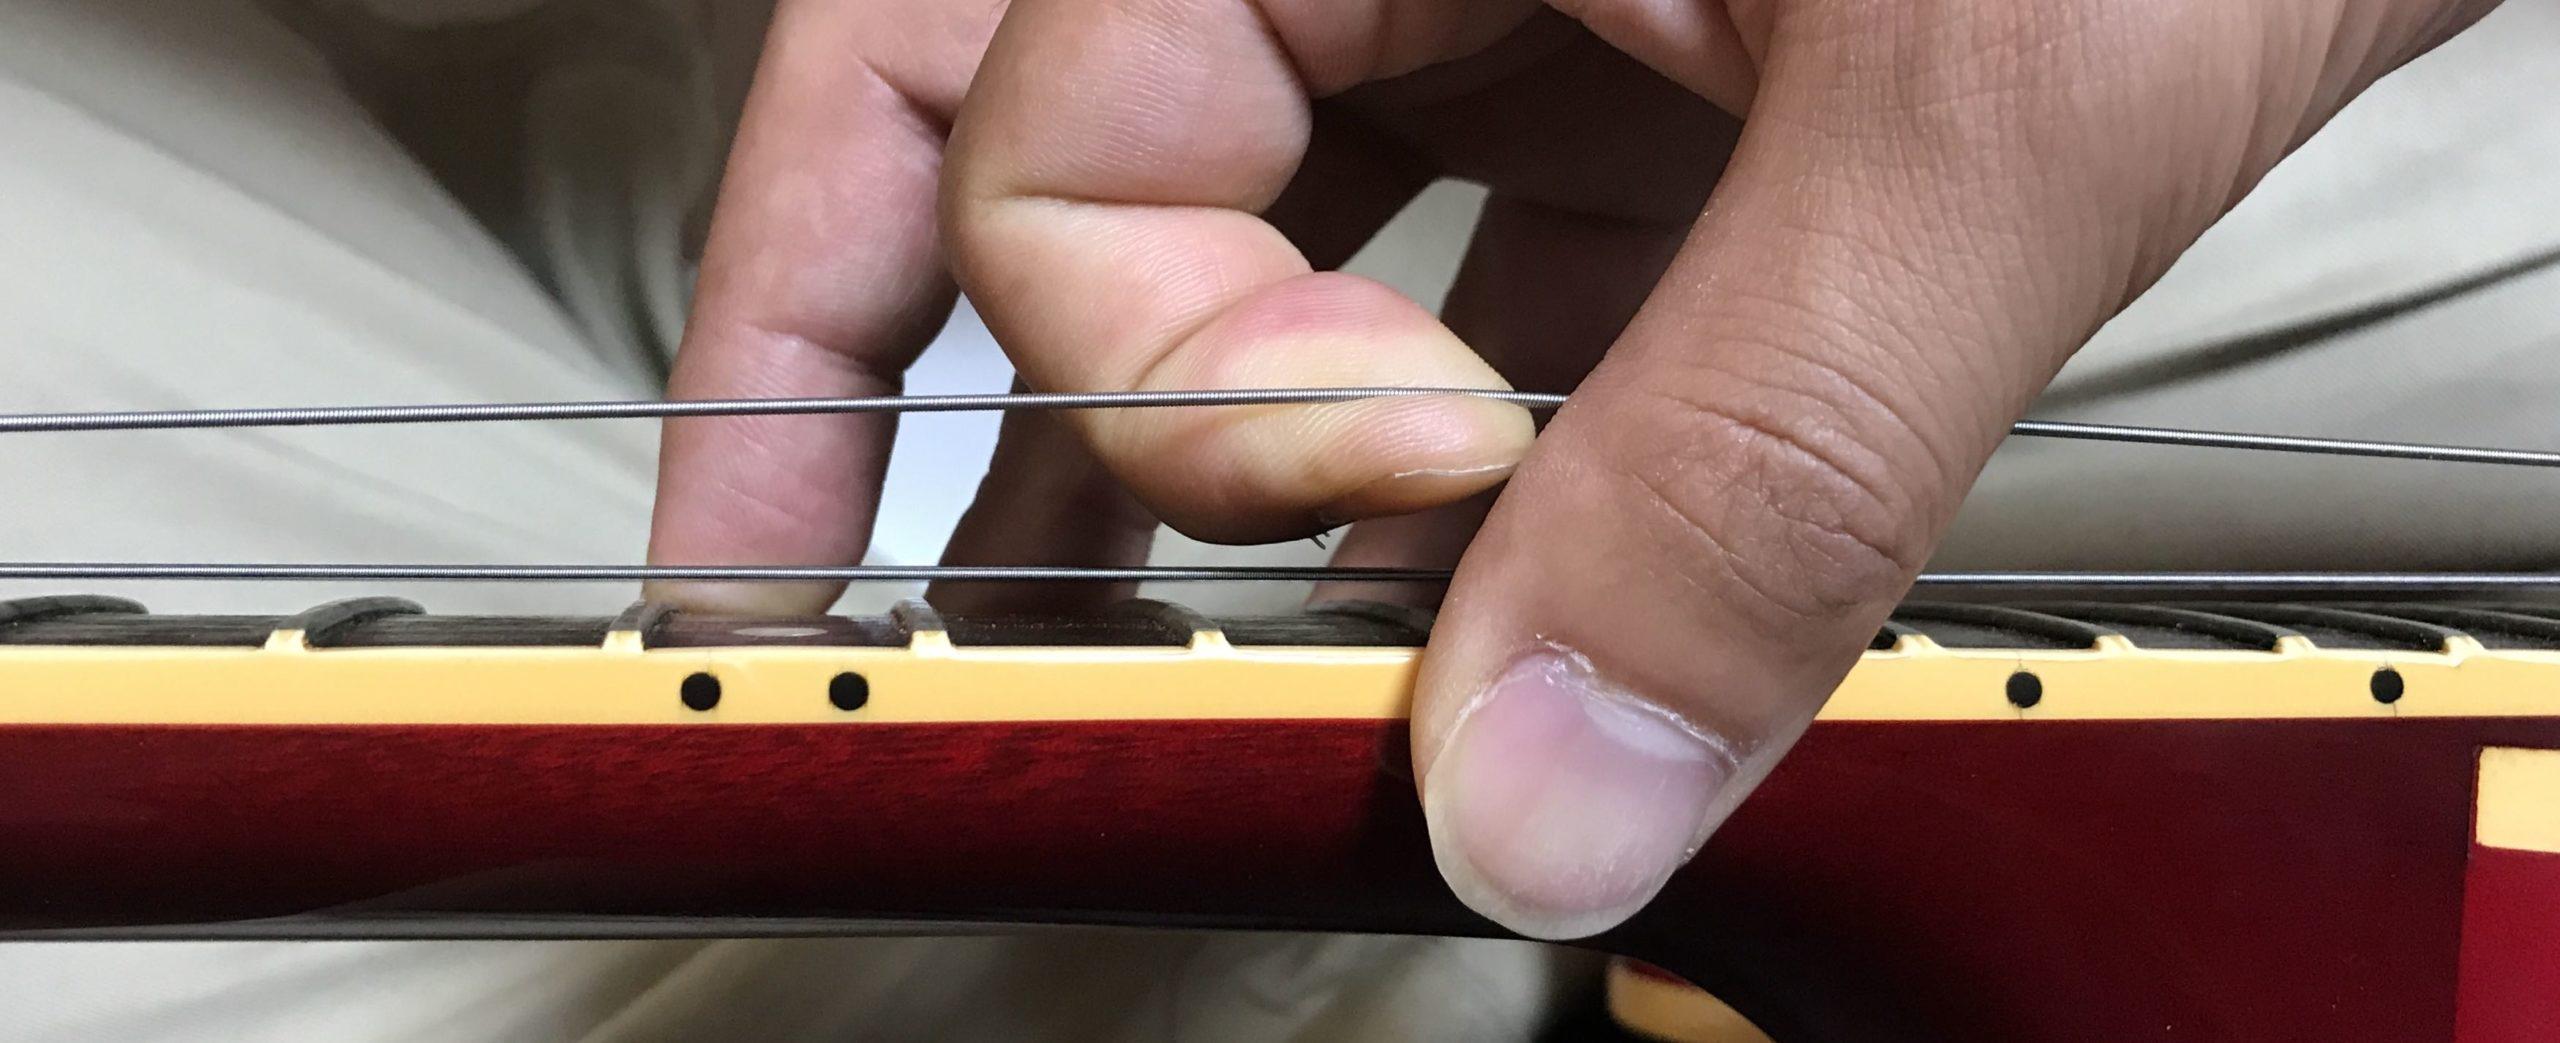 ギターチューニングの手順①: 弦を少し緩める